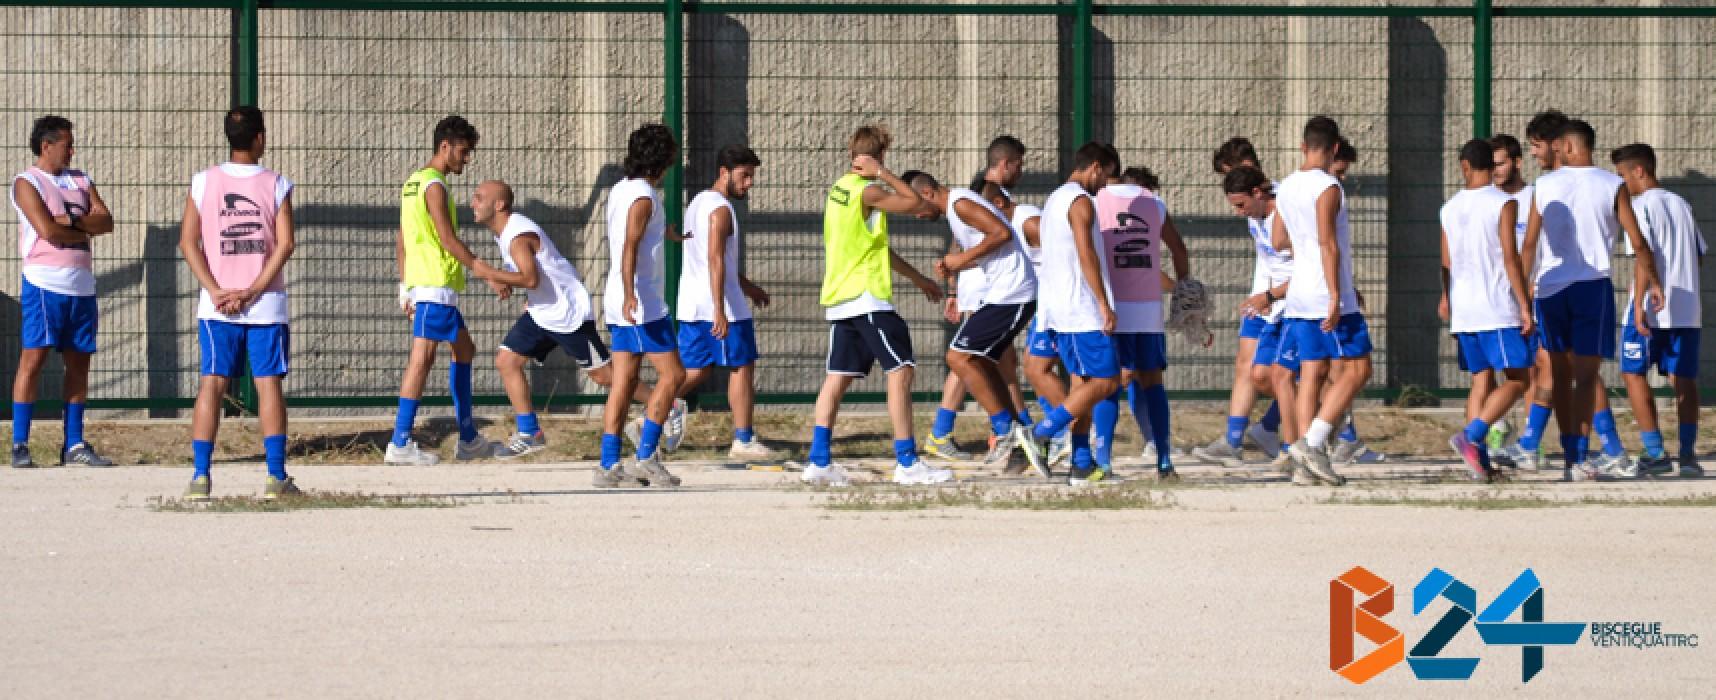 Il 1 luglio l'Unione Calcio seleziona giovani calciatori per la prima squadra